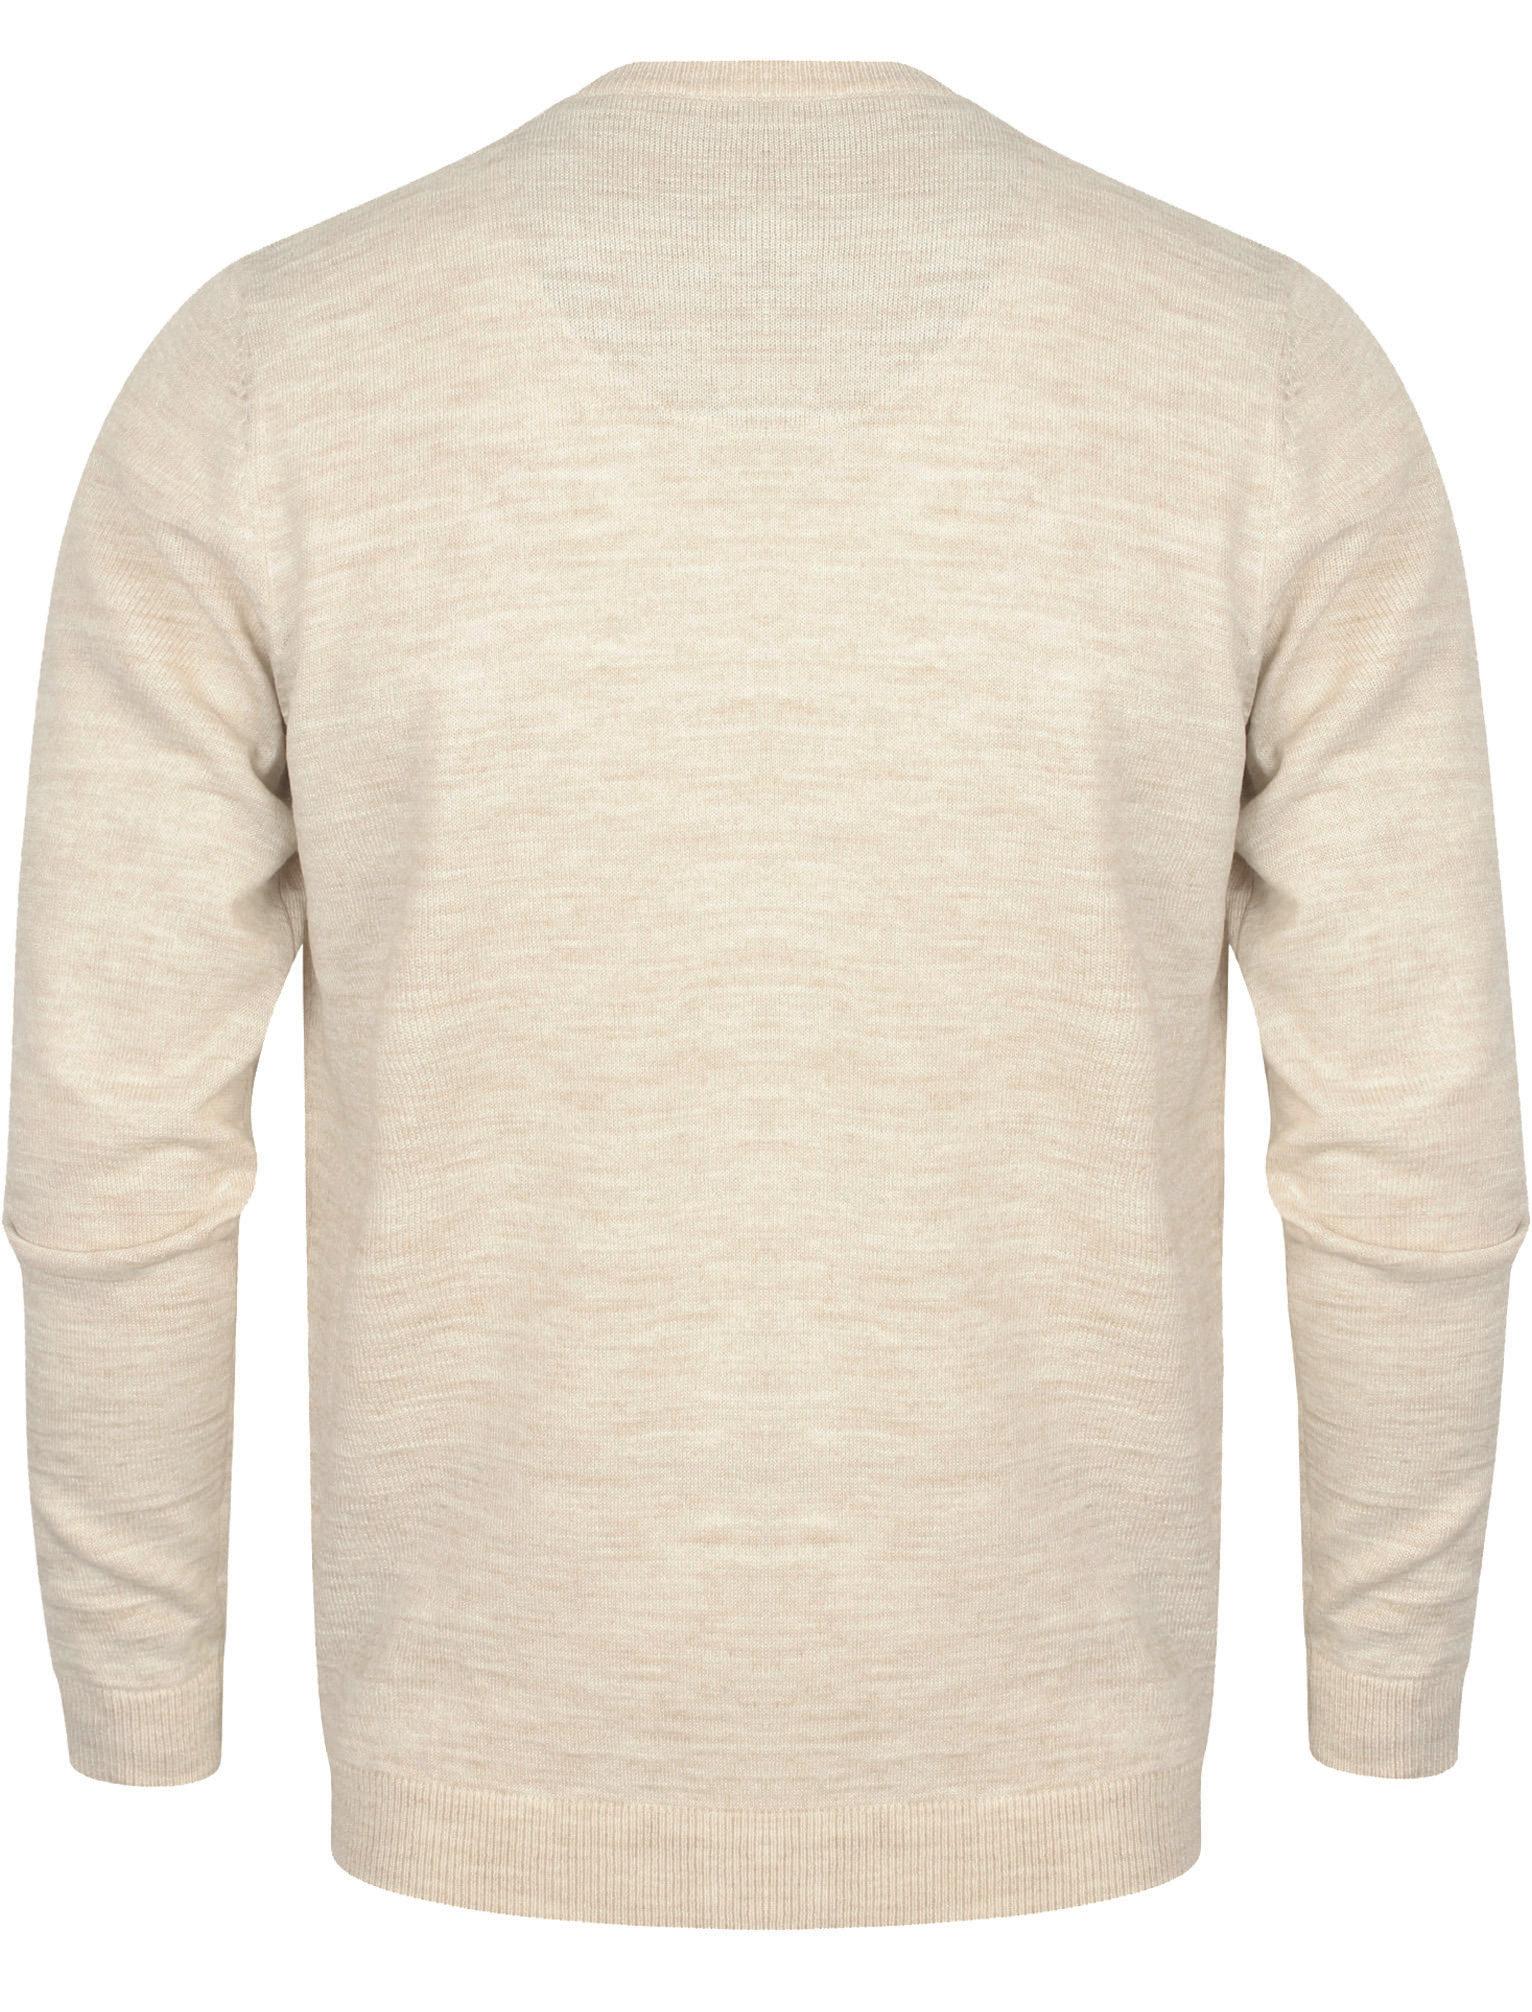 Kensington-Eastside-Men-039-s-Wool-Blend-Knitted-Crew-or-V-Neck-Jumper-Sweater-Top thumbnail 47